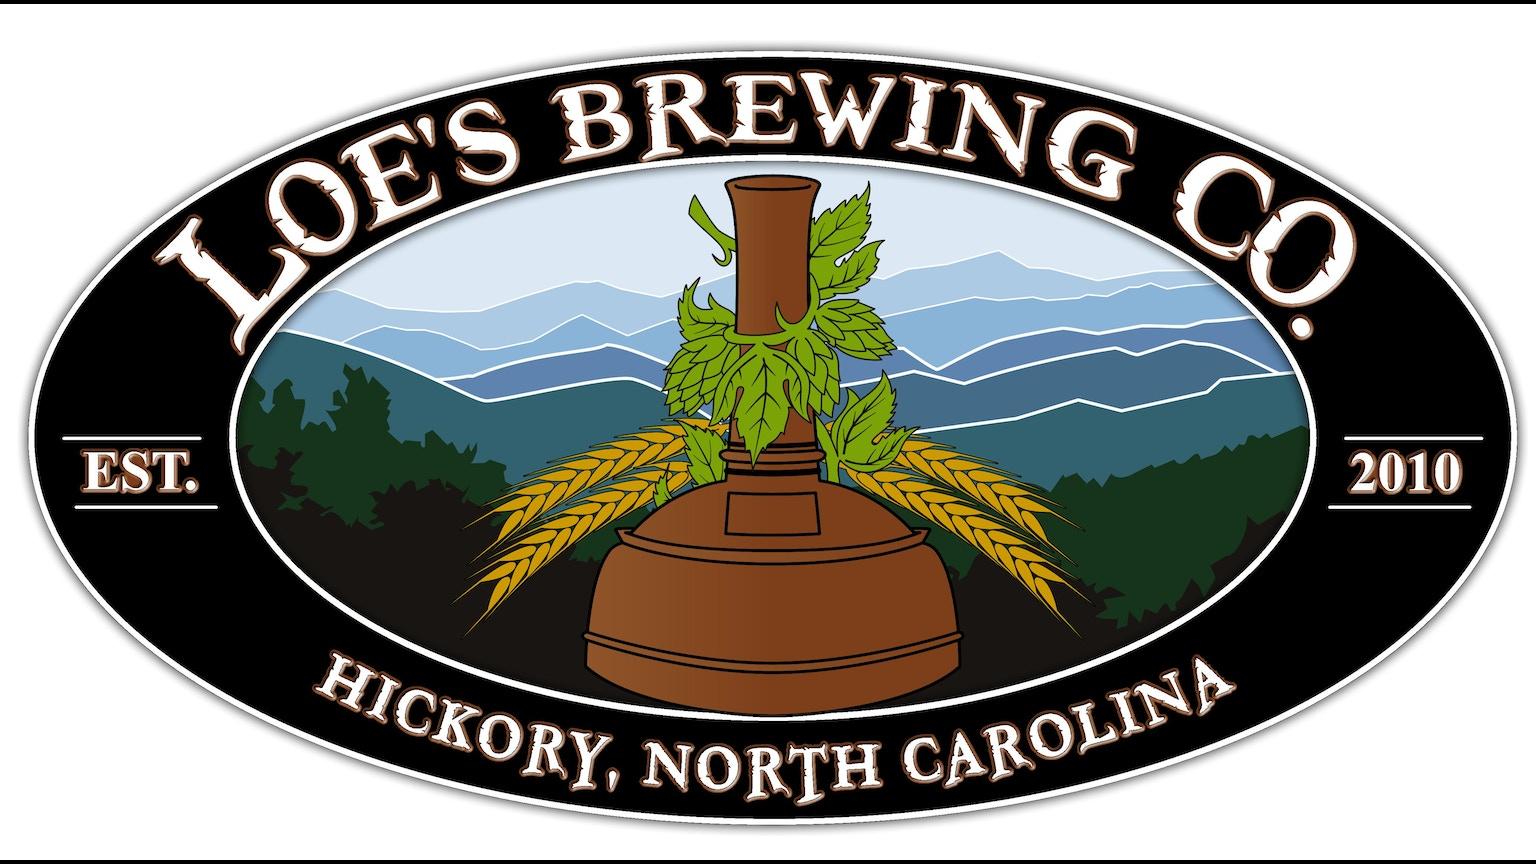 Loe S Brewing Company By Stephen Loe Kickstarter